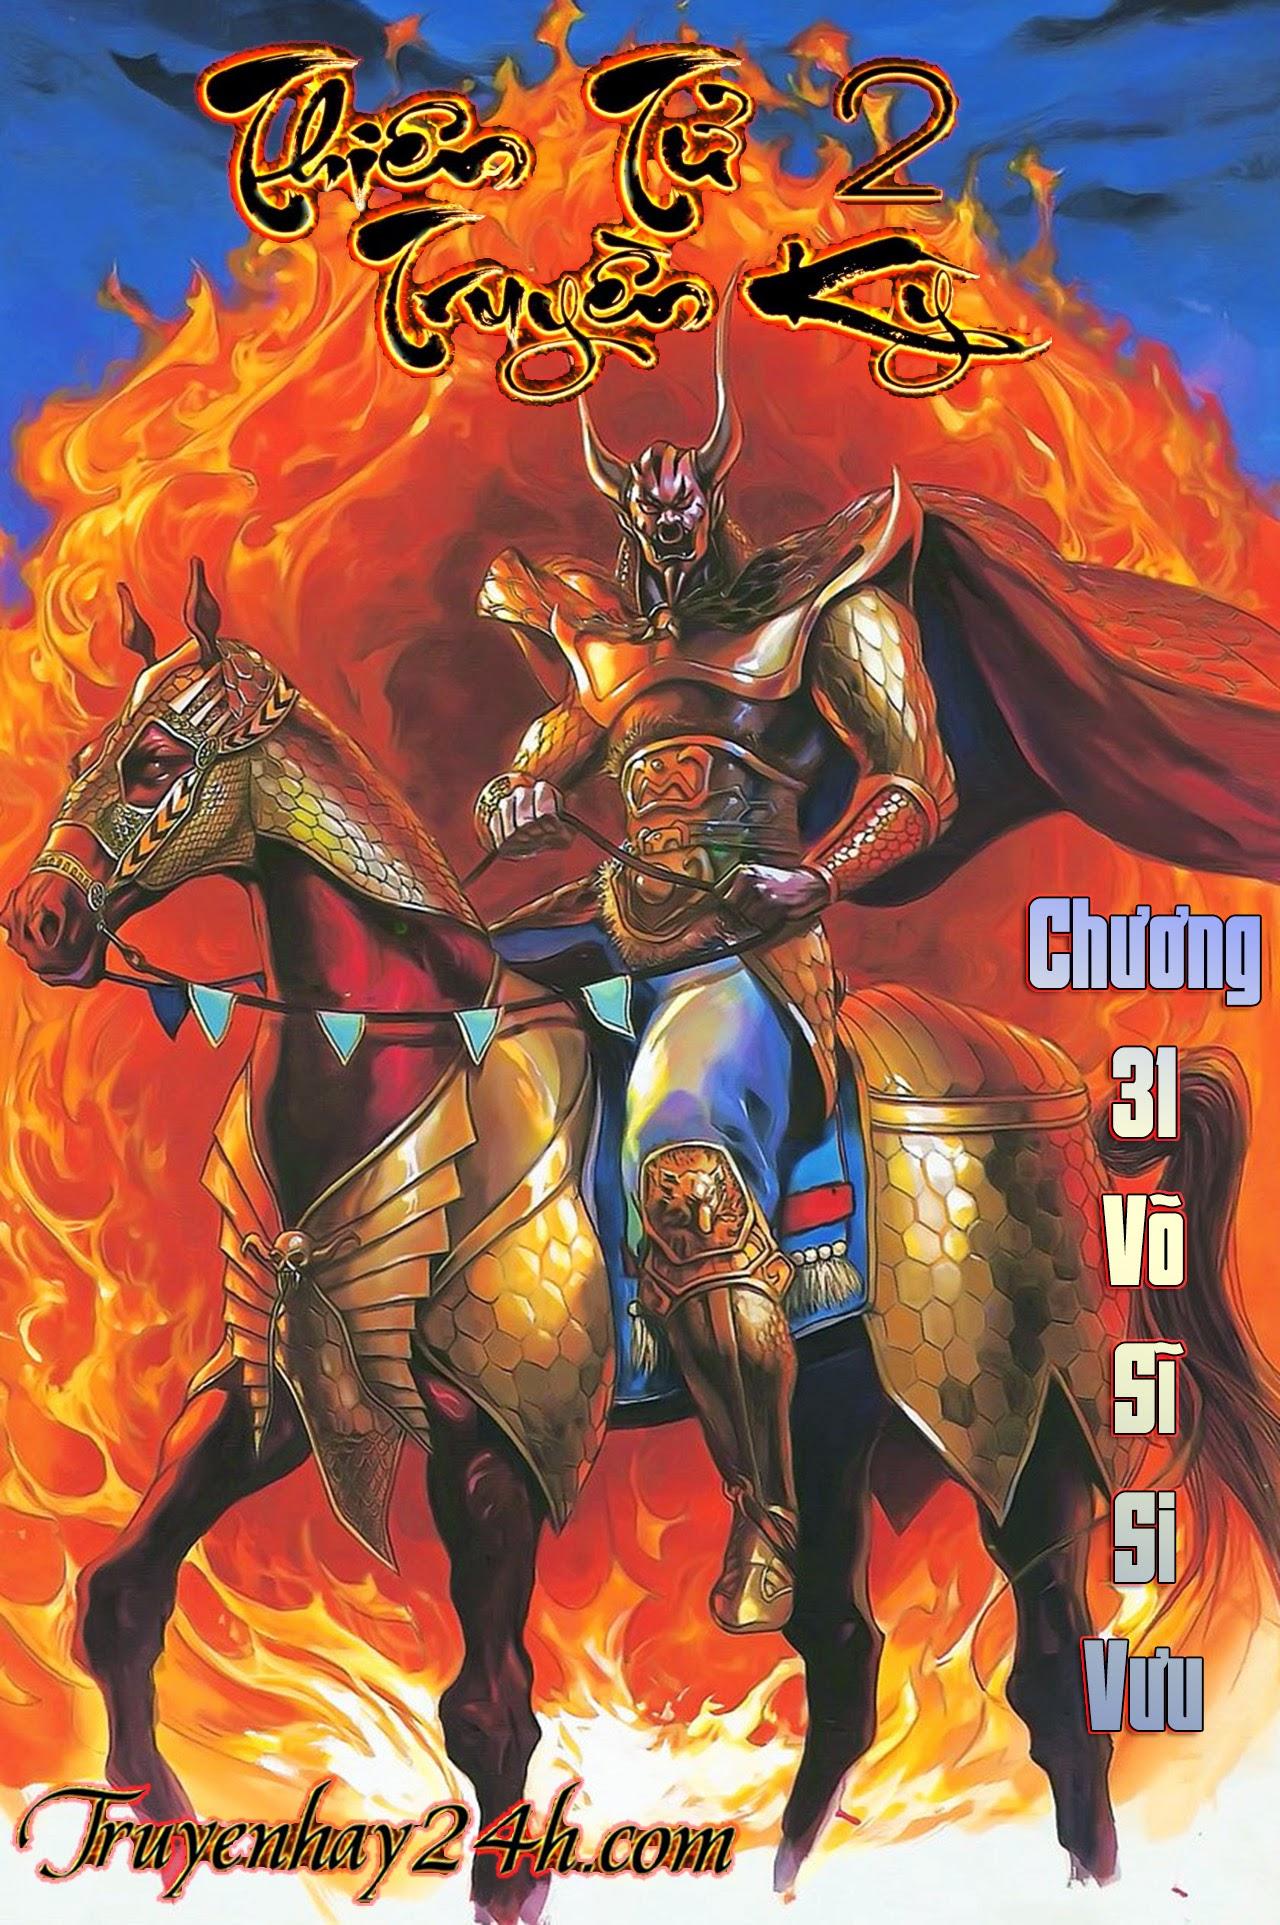 Tần Vương Doanh Chính chapter 31 trang 1